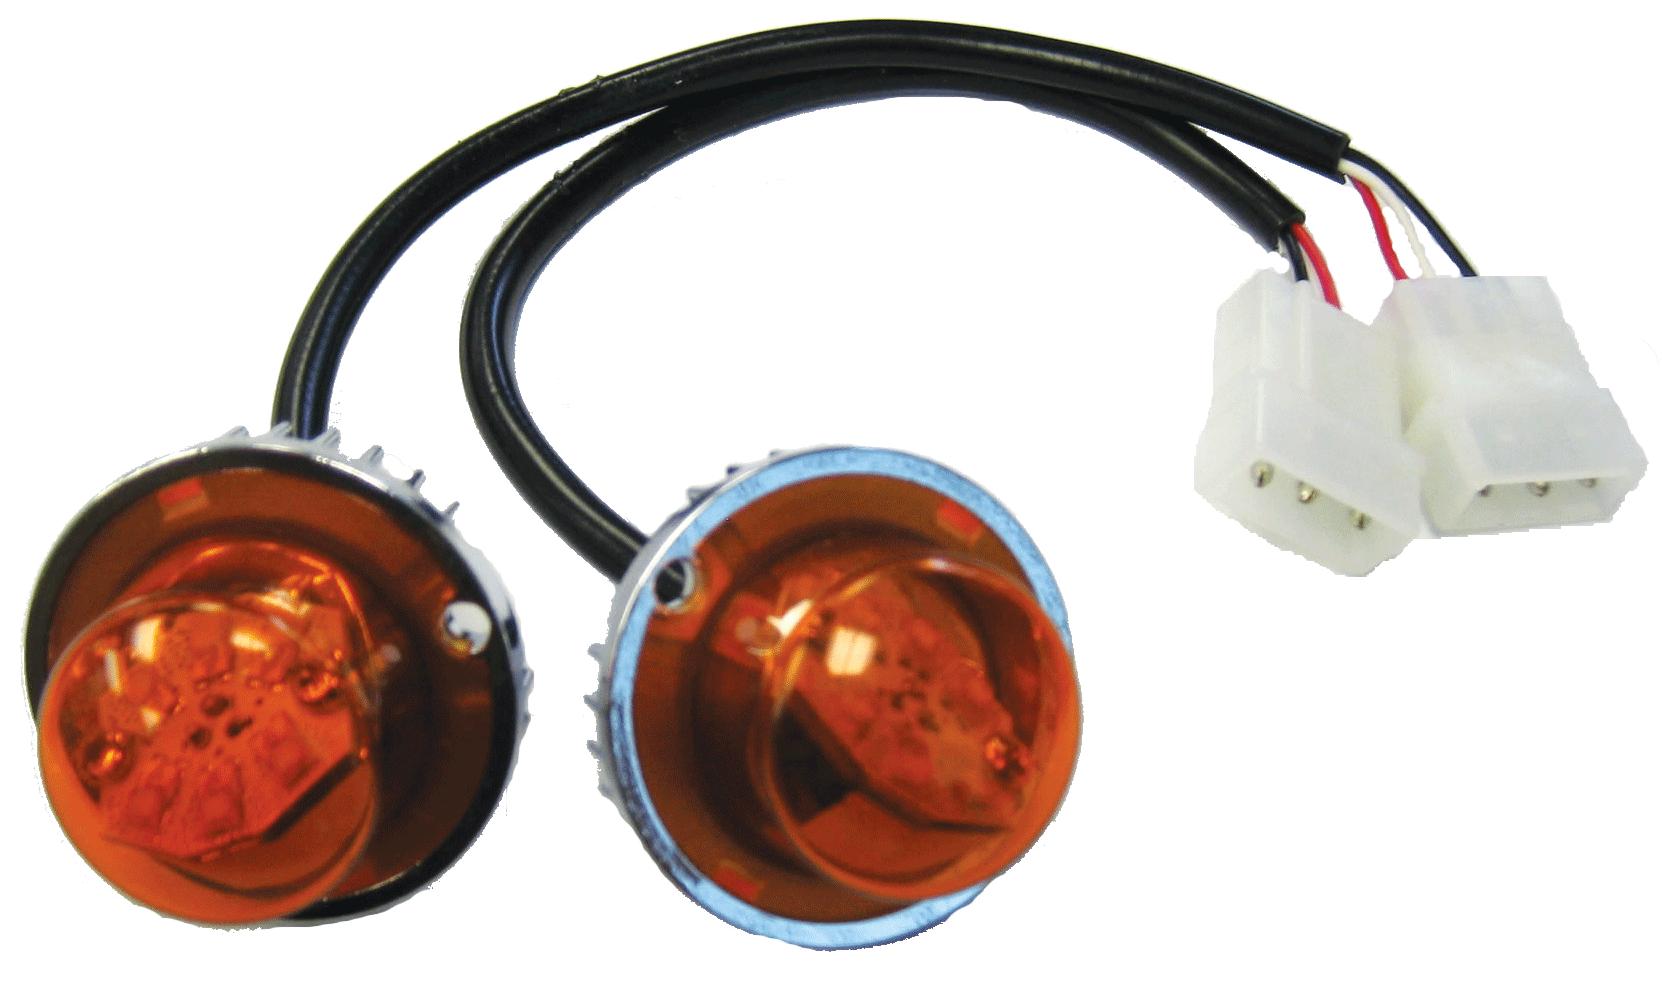 E-985BK - Uni-Bond Lighting